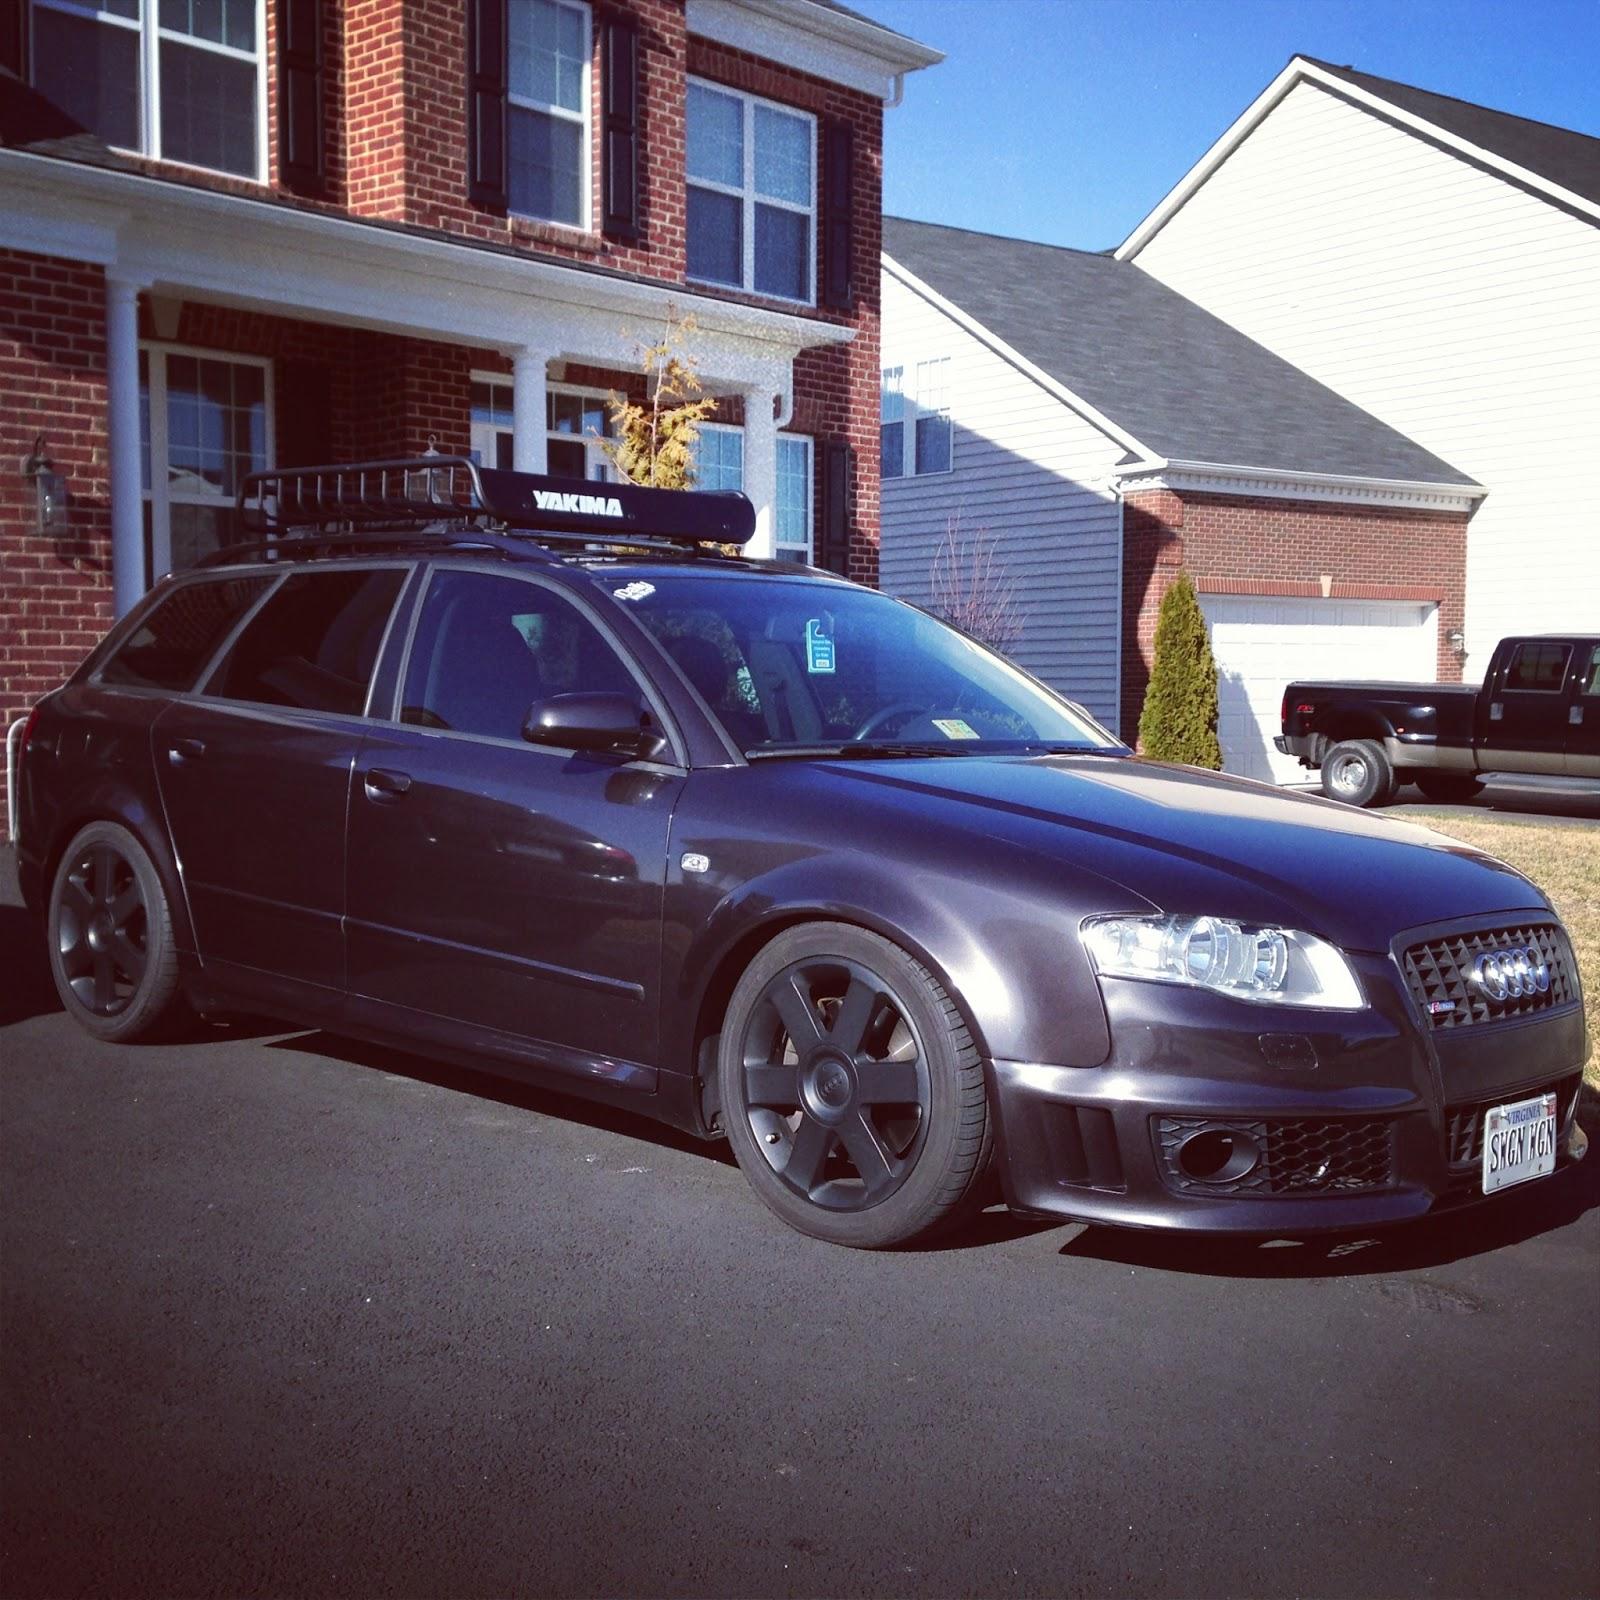 Shifted: Tony's Audi A4